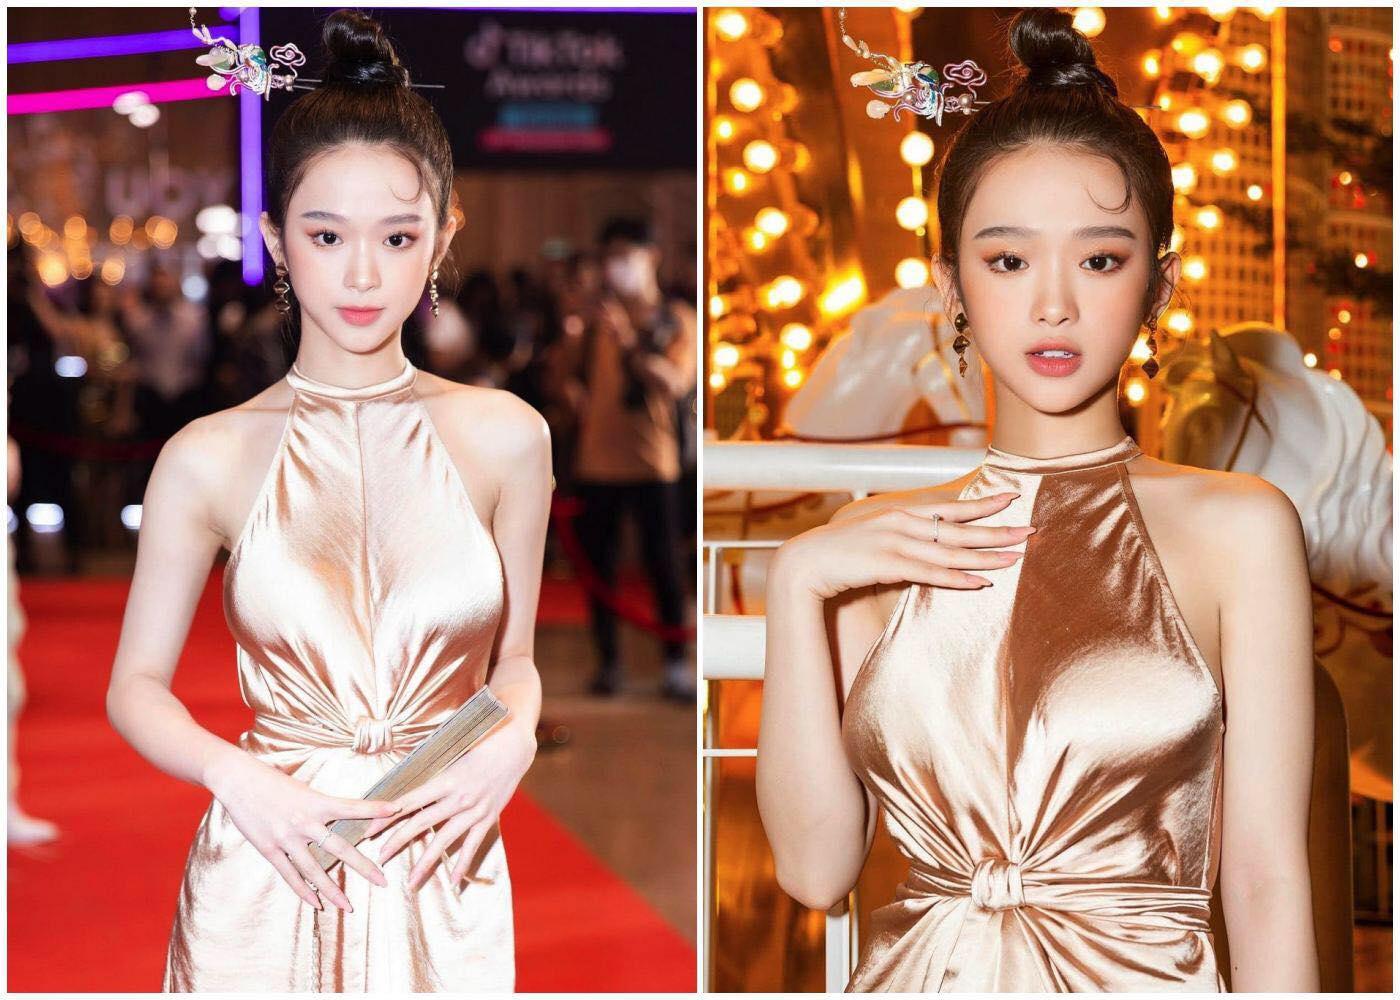 Linh Ka thu hút sự chú ý vào vòng 1 vì mặc váy lụa không nội y - hình ảnh 2